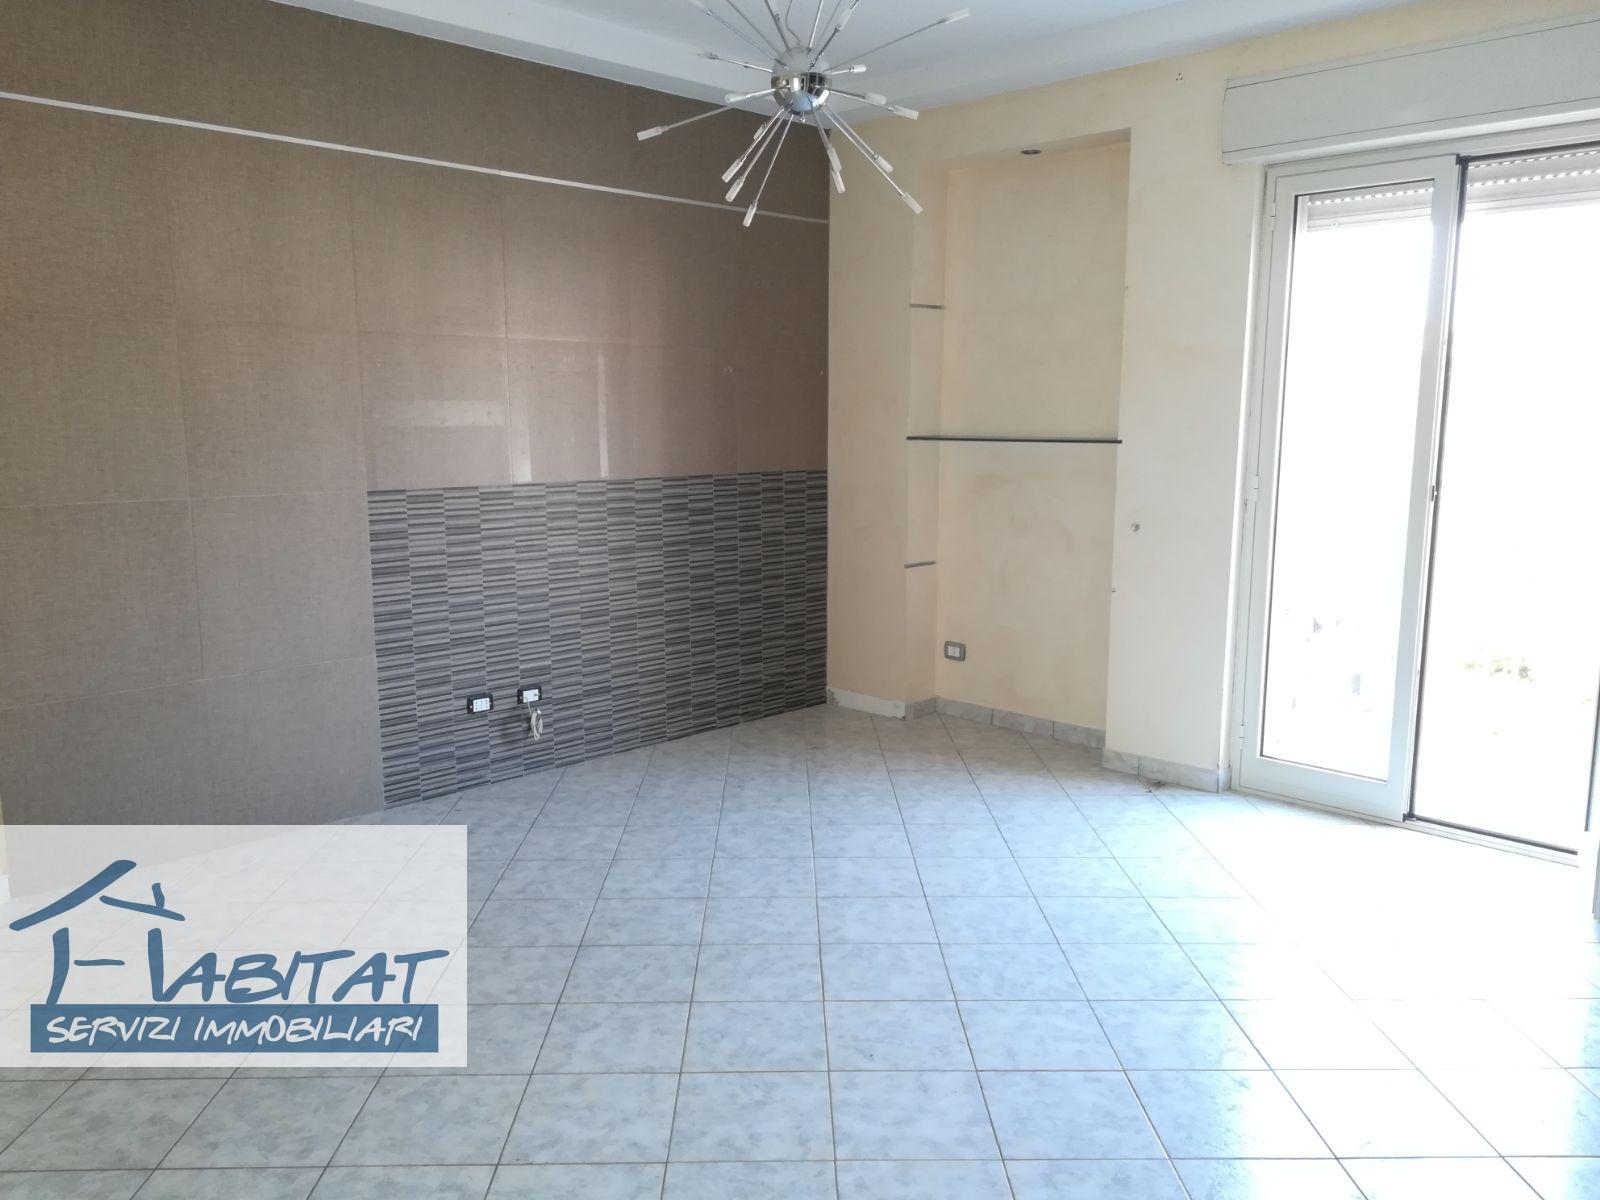 Appartamento in vendita a Agrigento, 4 locali, zona Località: VillaggioPeruzzo, prezzo € 95.000   CambioCasa.it